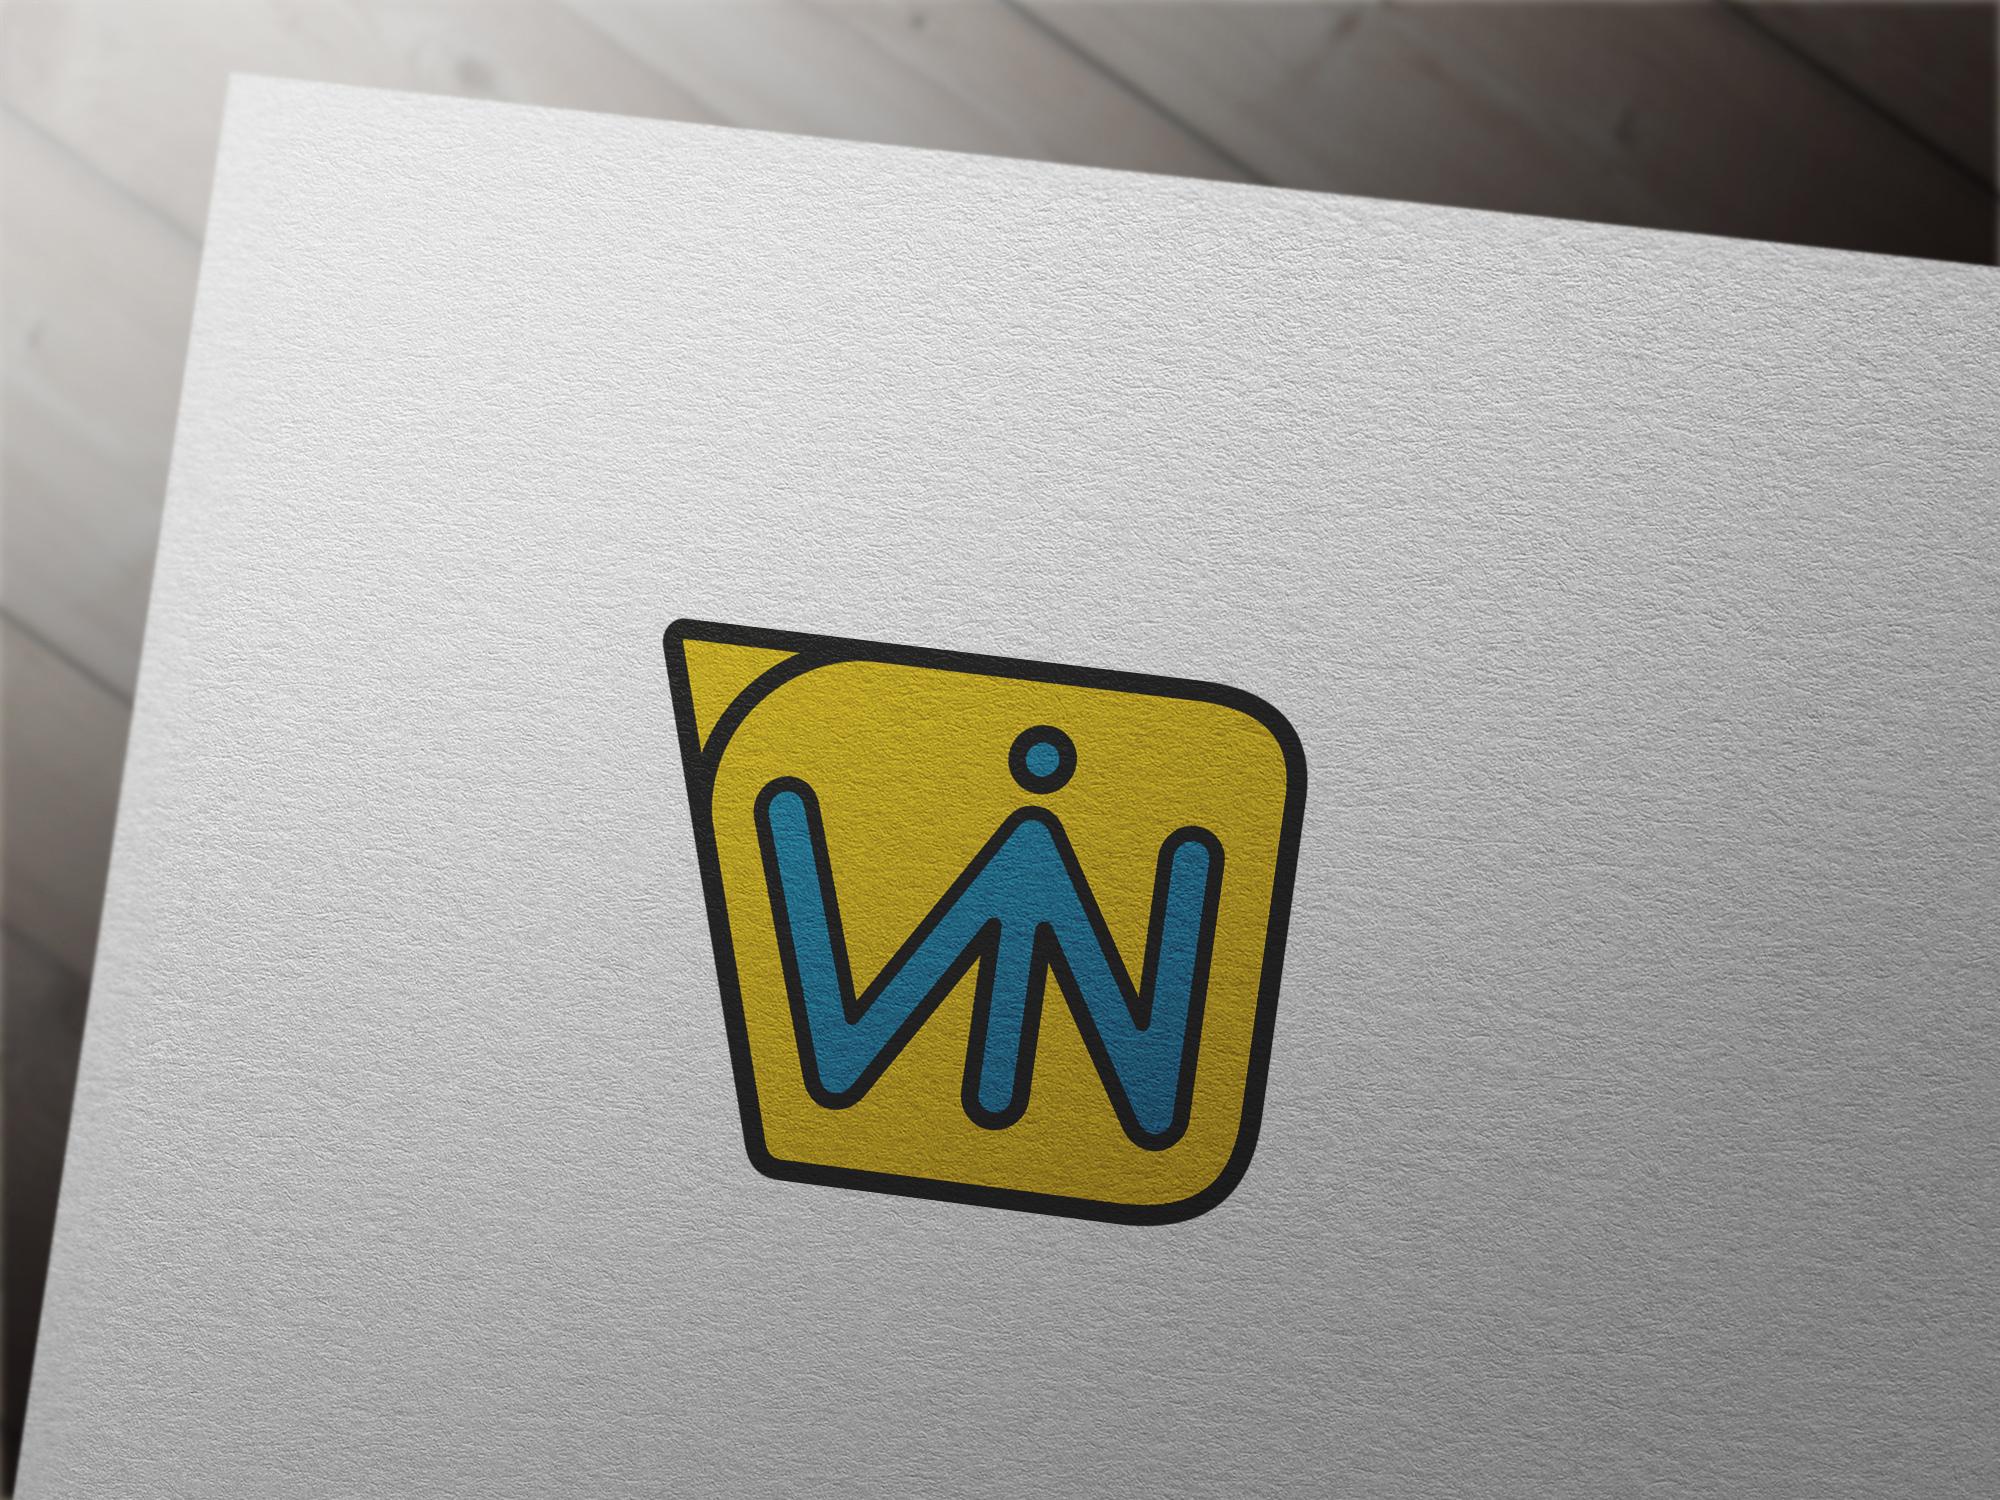 Разработка логотипа и фирменного стиля для такси фото f_0625b9ce8c81208a.jpg